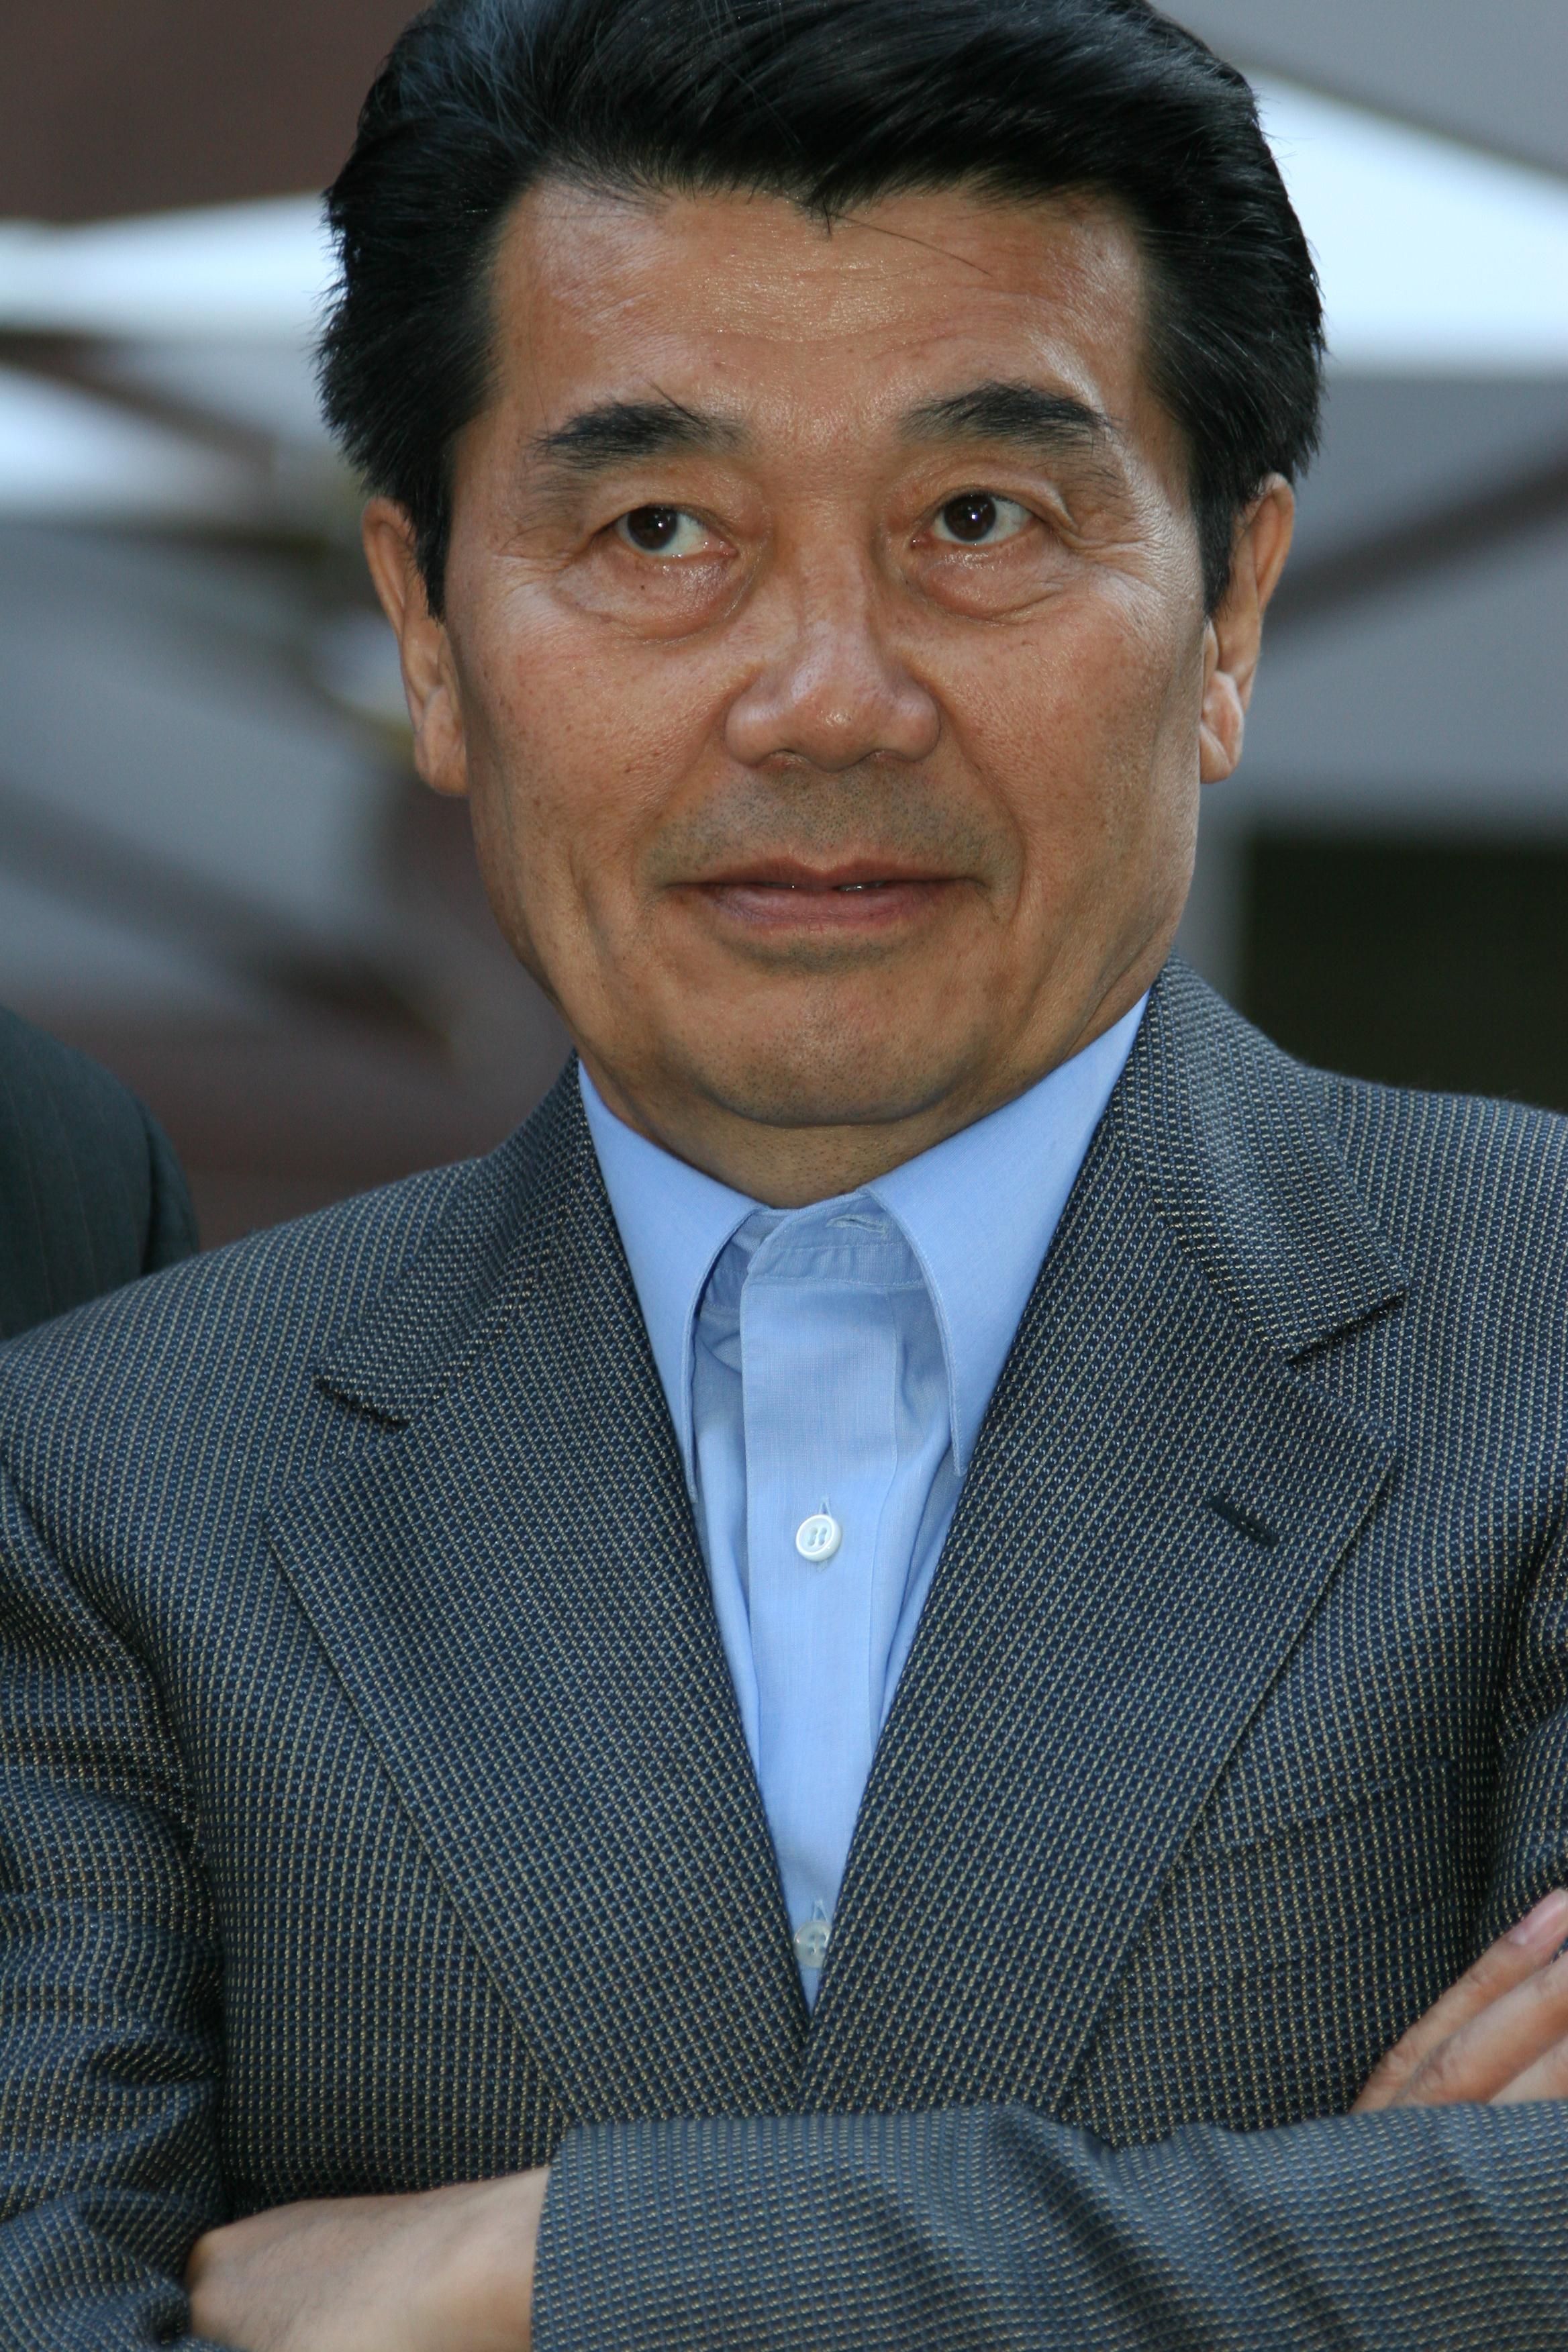 Акежан Кажегельдин,бывший премьер-министр страны, а ныне ведущий оппозиционный политик в изгнании.